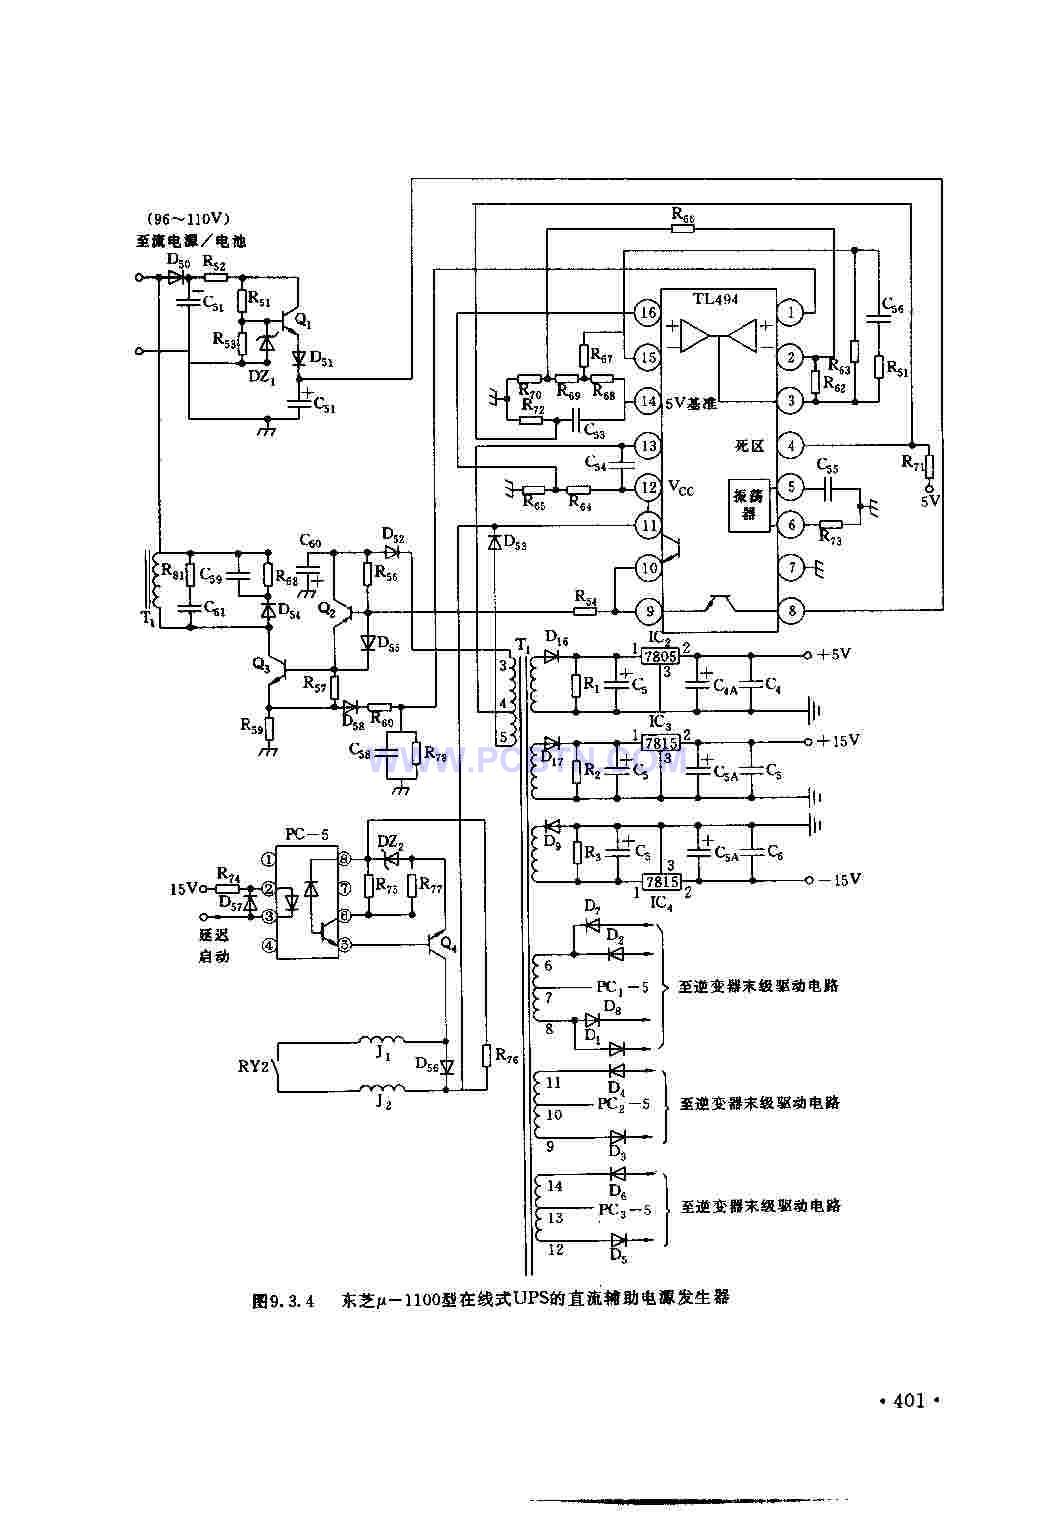 东芝μ-1100型在线式UPS的直流辅助电源发生器